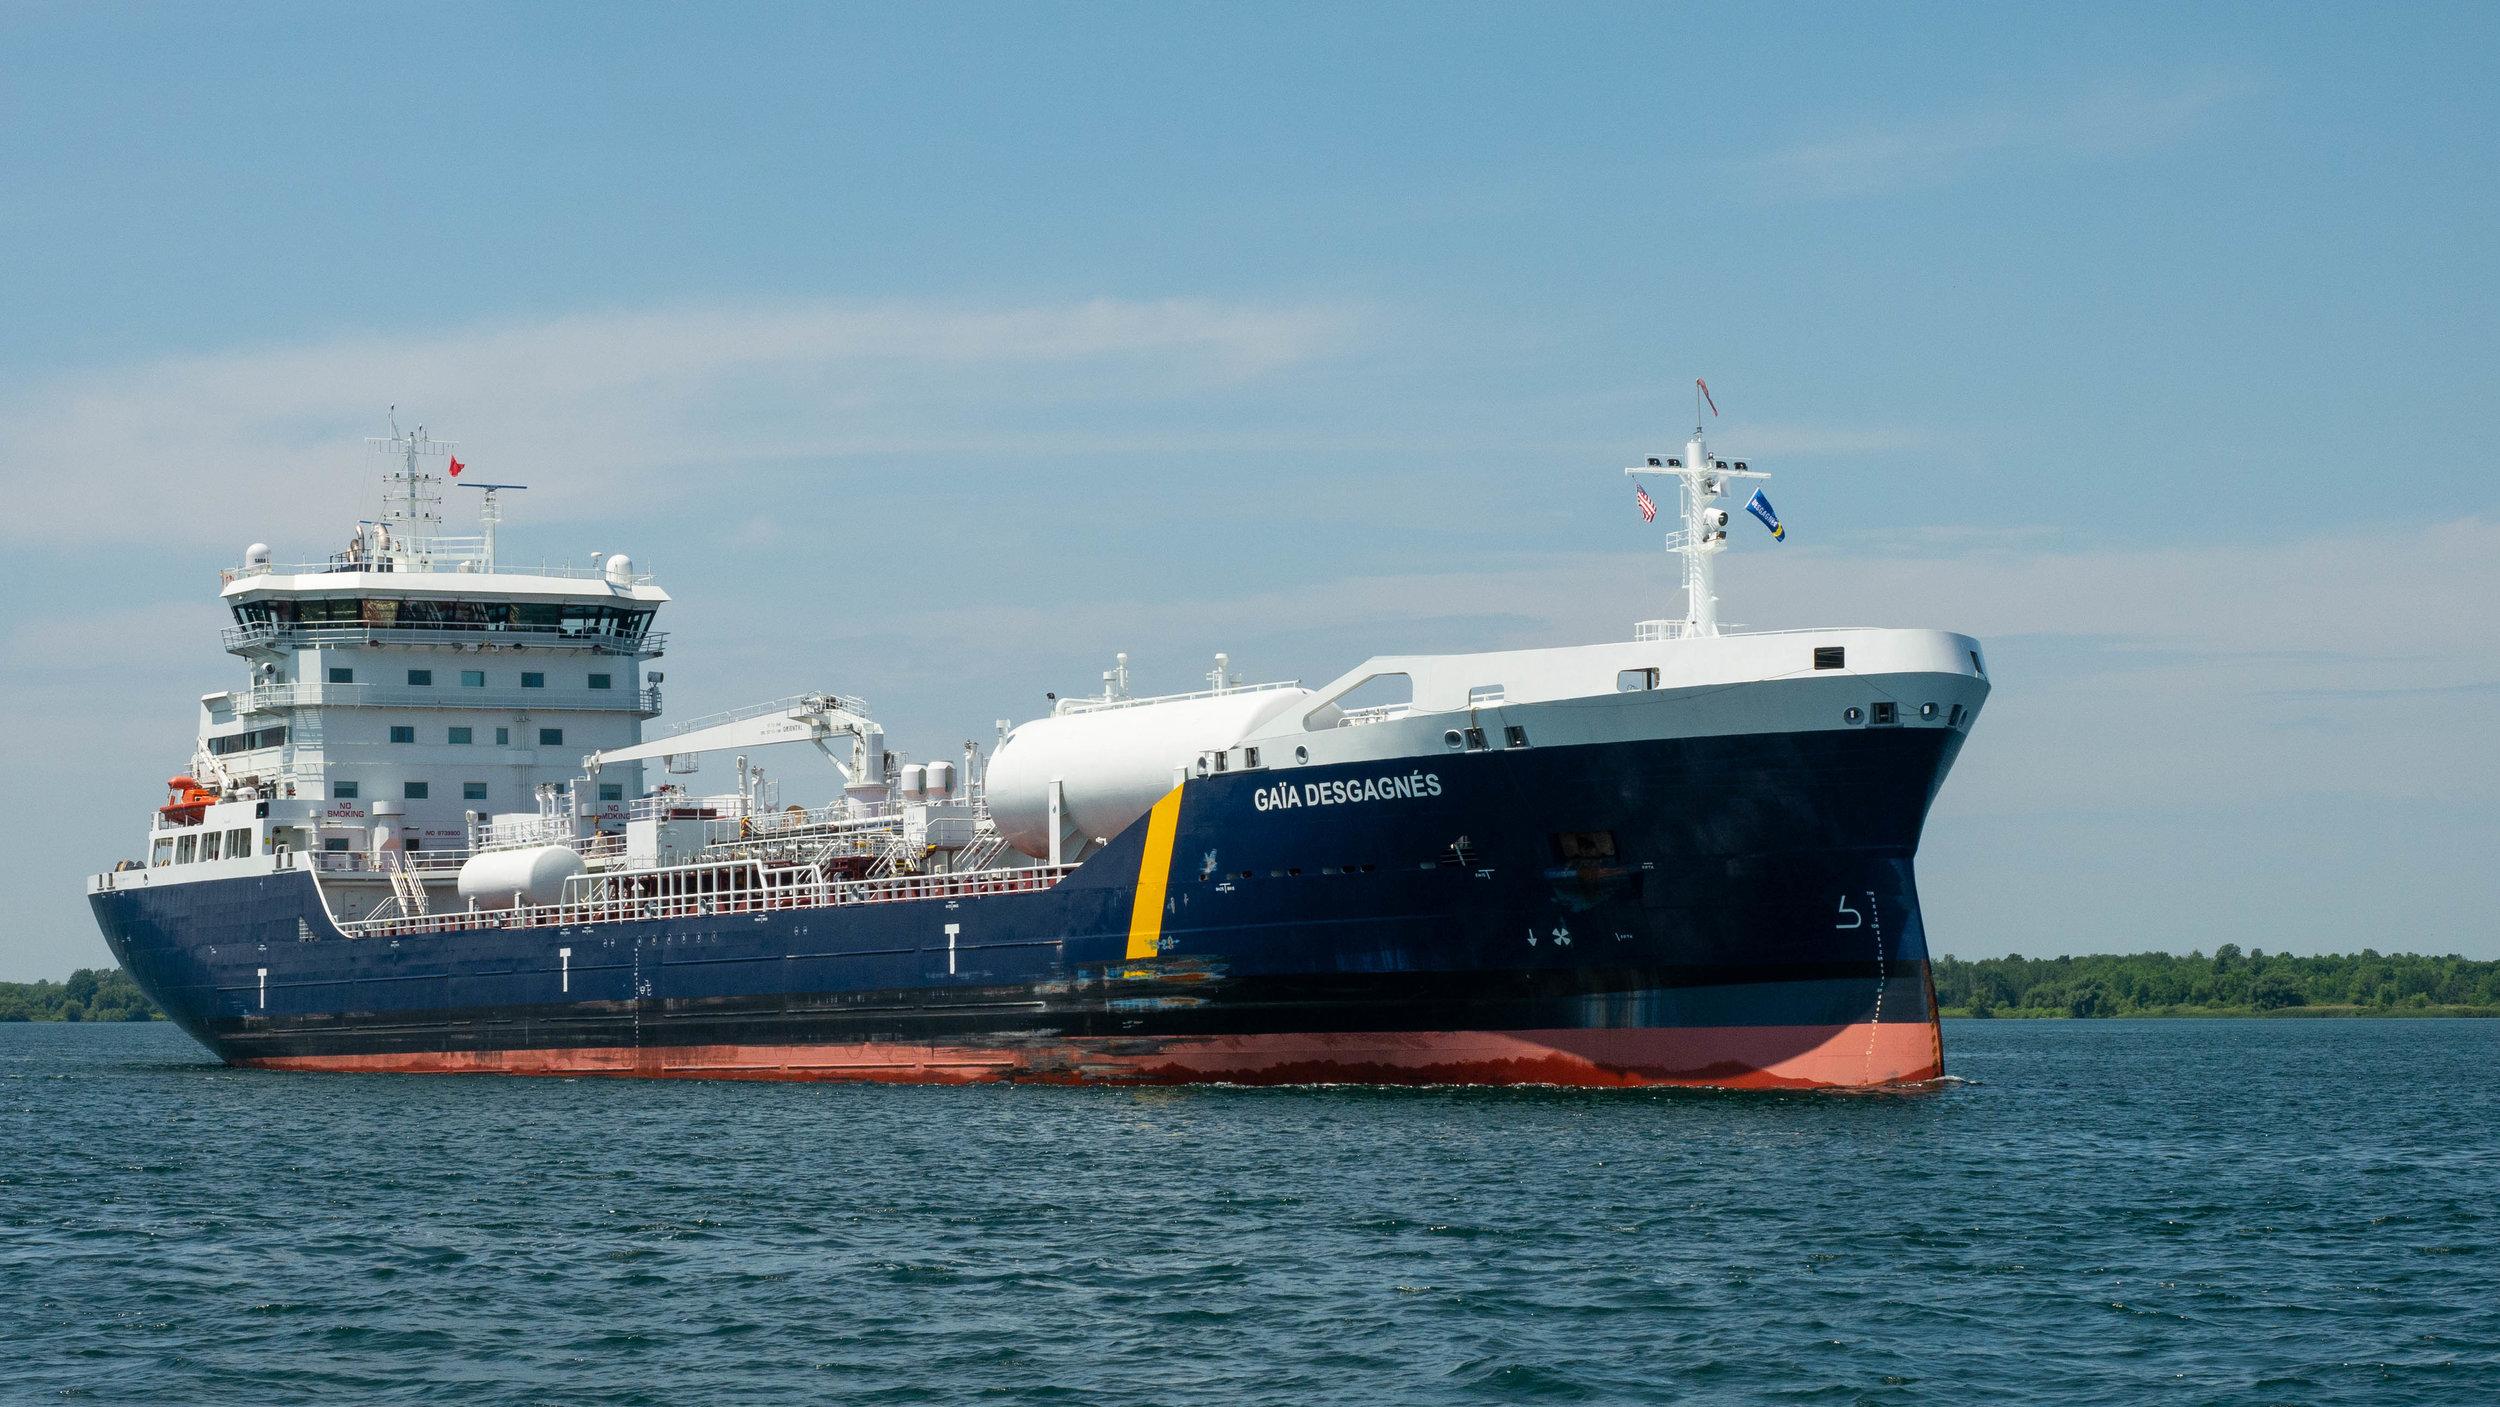 Plongée sous-marine dans la Fleuve St-Laurent - La région d'SDG fait pour une point chaud pour la plongée dans l'Est de l'Ontario. Avec 15 sites uniques, vous pouvez explorer des choses comme des vieux écluse, une cémétière à barge, une naufrage et plein d'autres!